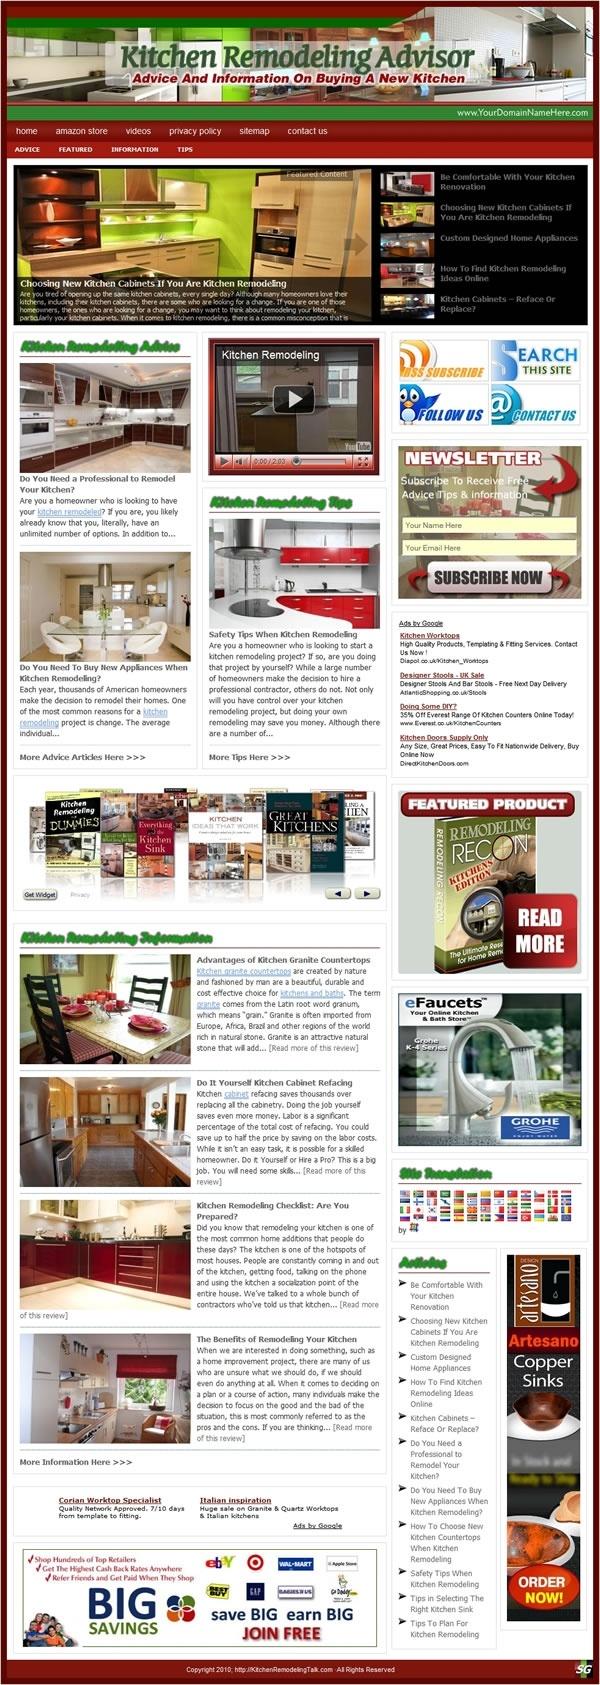 Kitchen remodeling website turnkey websites for sale for Best home remodeling websites